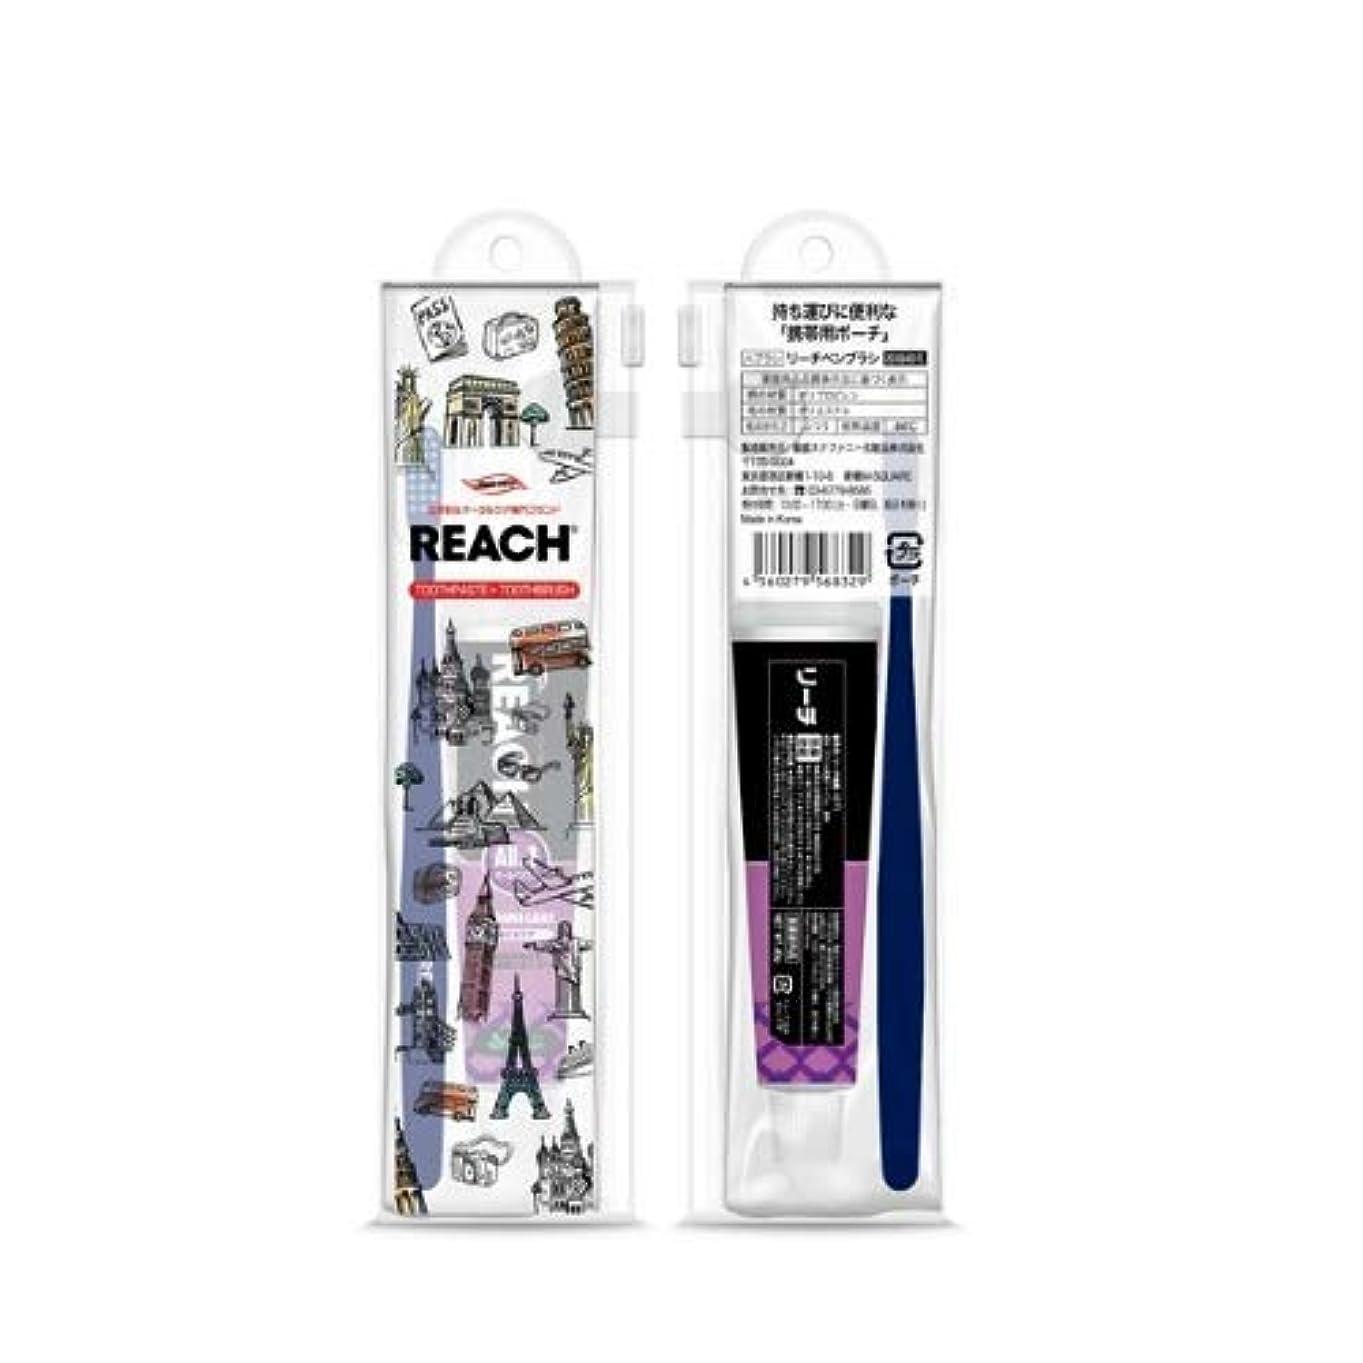 マンハッタン非常に怒っています騒ぎリーチトラベルセット(デンタル歯ブラシ1本?薬用歯みがき40g) × 6個セット